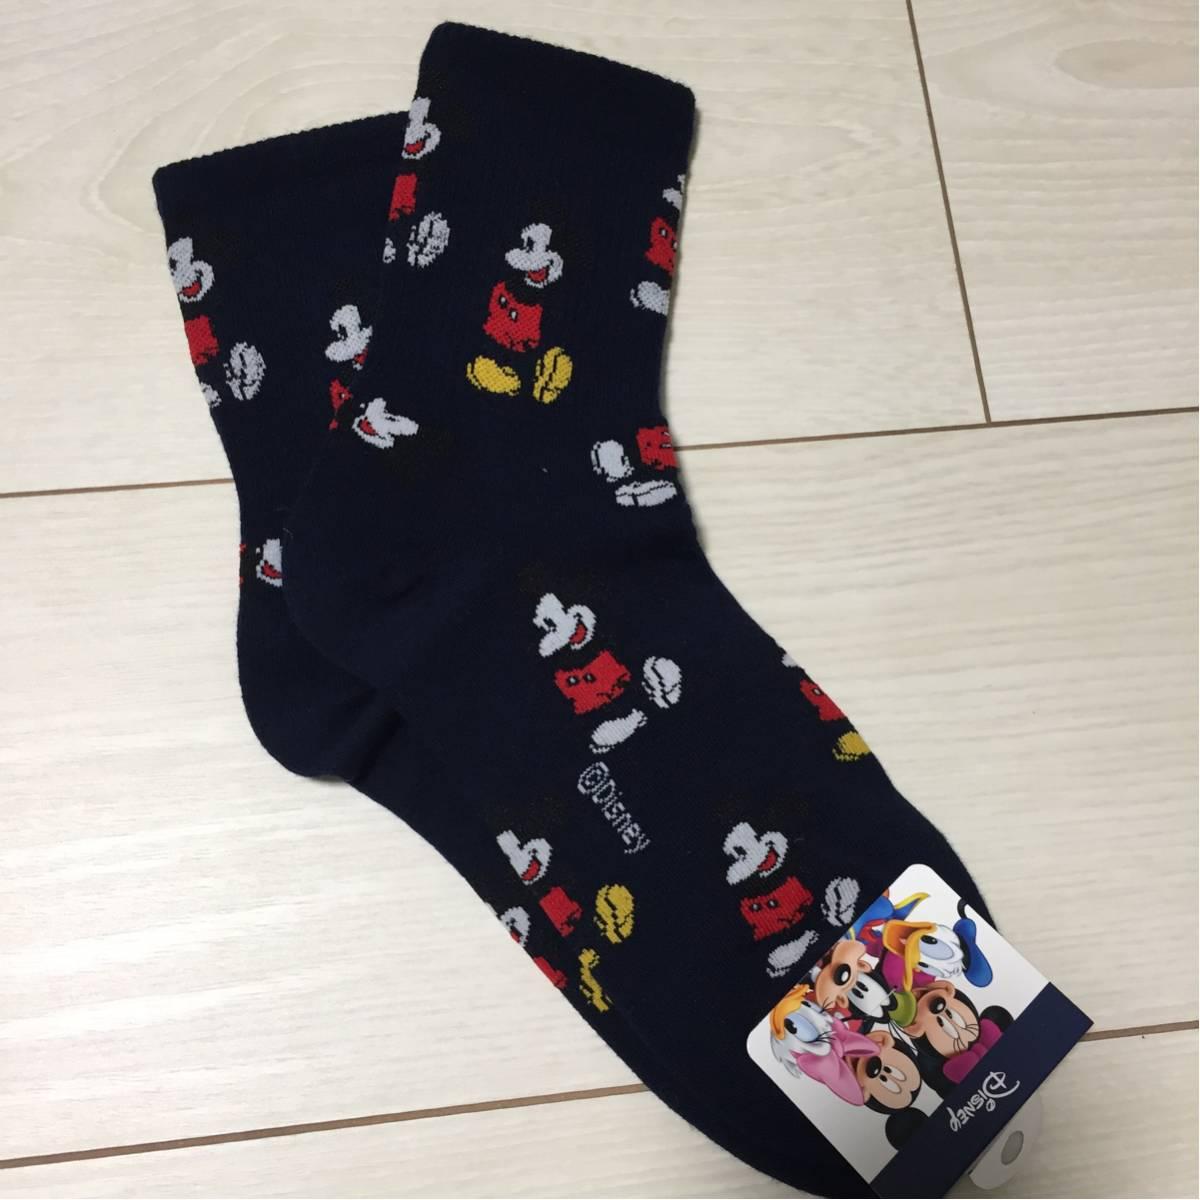 b8ae5a0e64dada 新品】ミッキーマウス【靴下ネイビー】Disney の落札情報詳細| ヤフオク ...